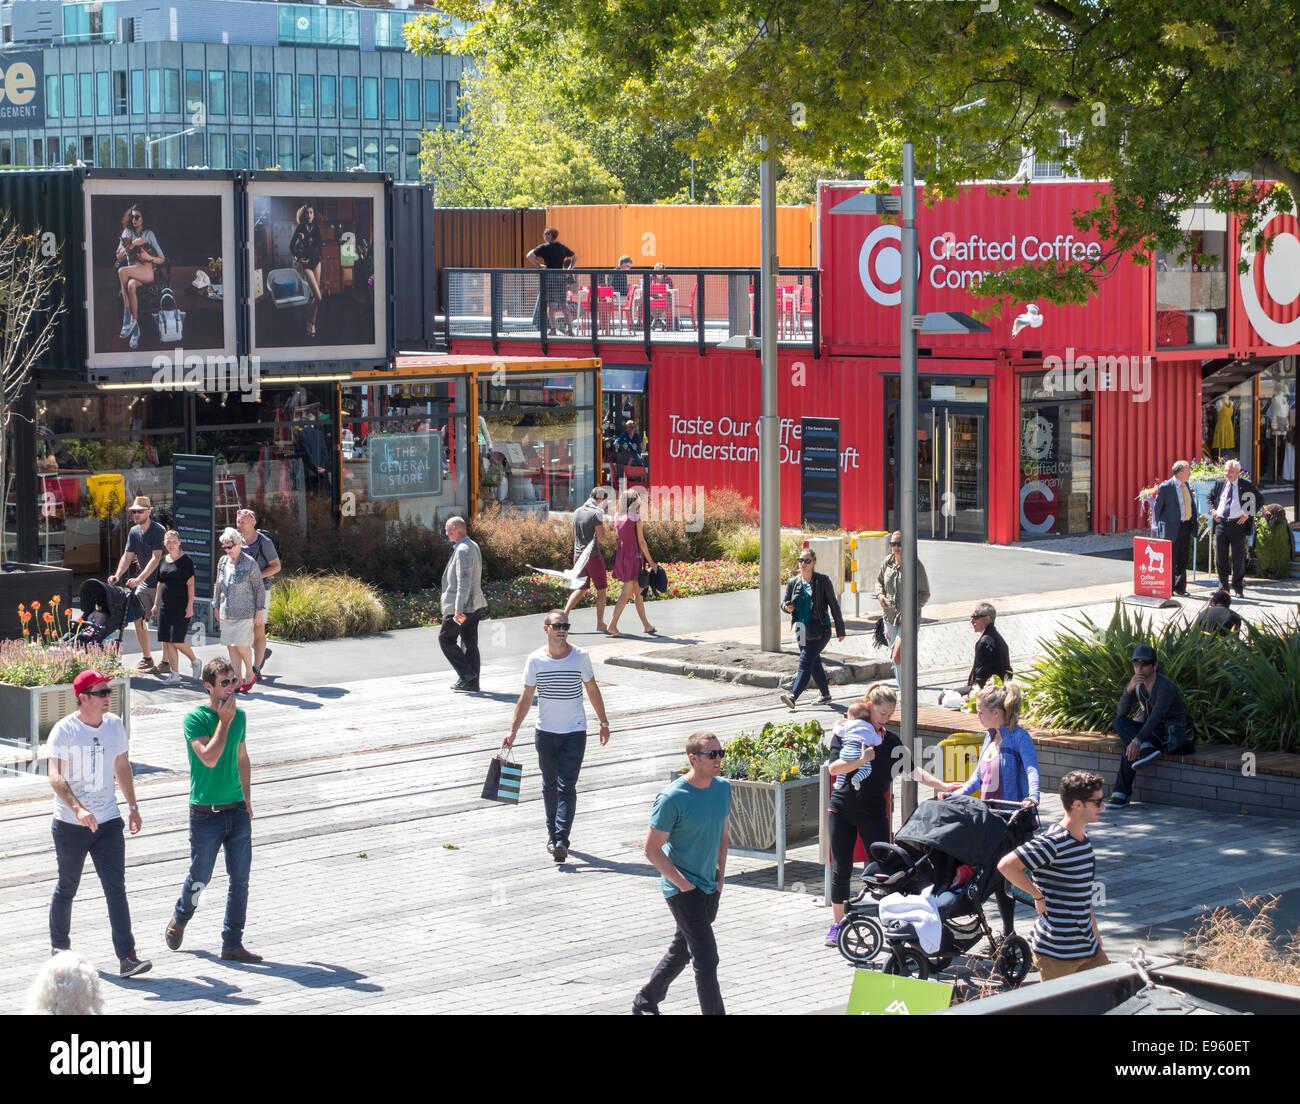 Contenedor de Christchurch Mall, Re:iniciar pop-up Mall o Cashel Street Mall construido a partir de contenedores de envío después del terremoto de 2011 Foto de stock